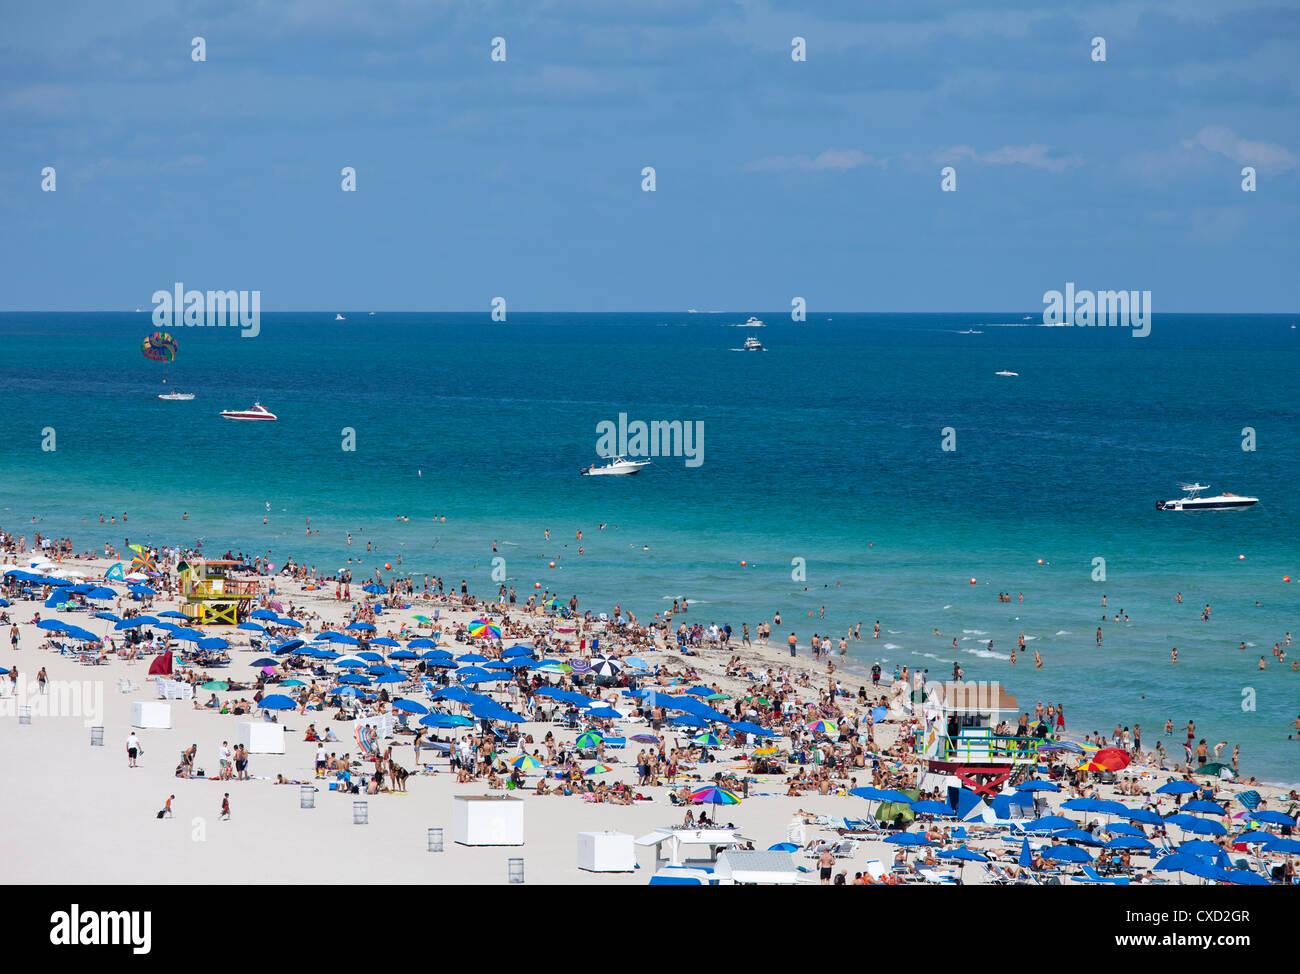 Spiaggia affollata, South Beach, Miami Beach, Florida, Stati Uniti d'America, America del Nord Immagini Stock